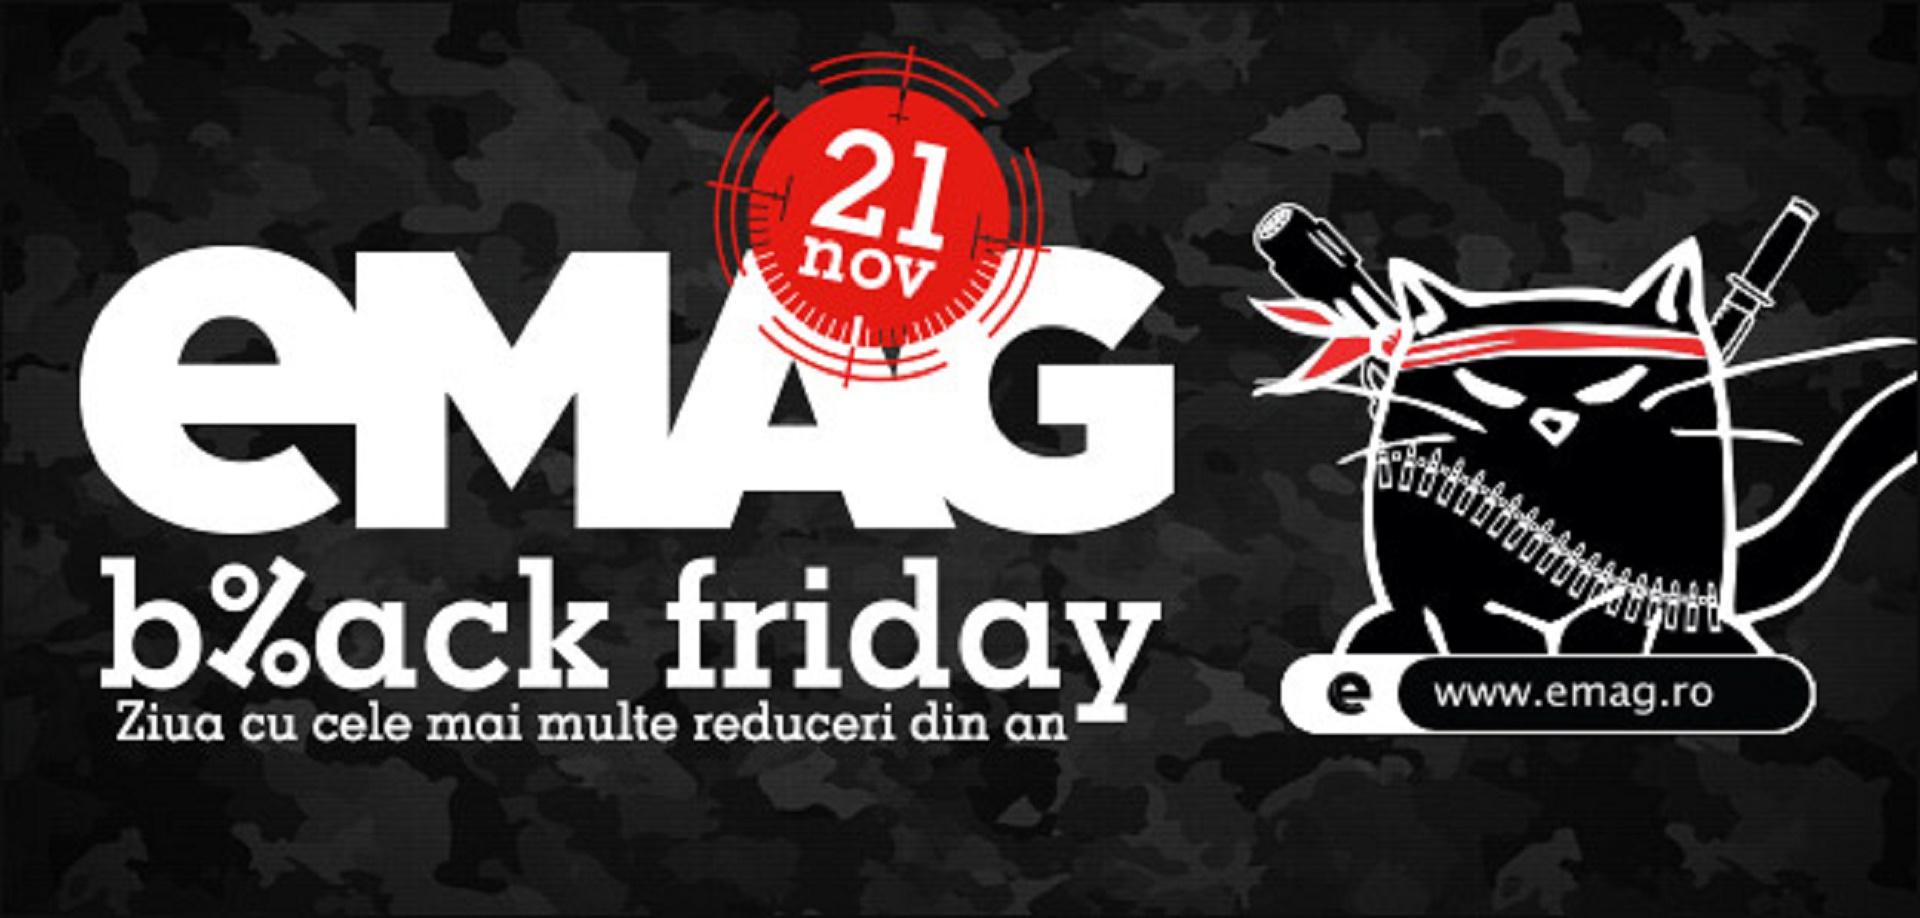 Esti pregatit pentru Black Friday? Stii ce sa iti cumperi?